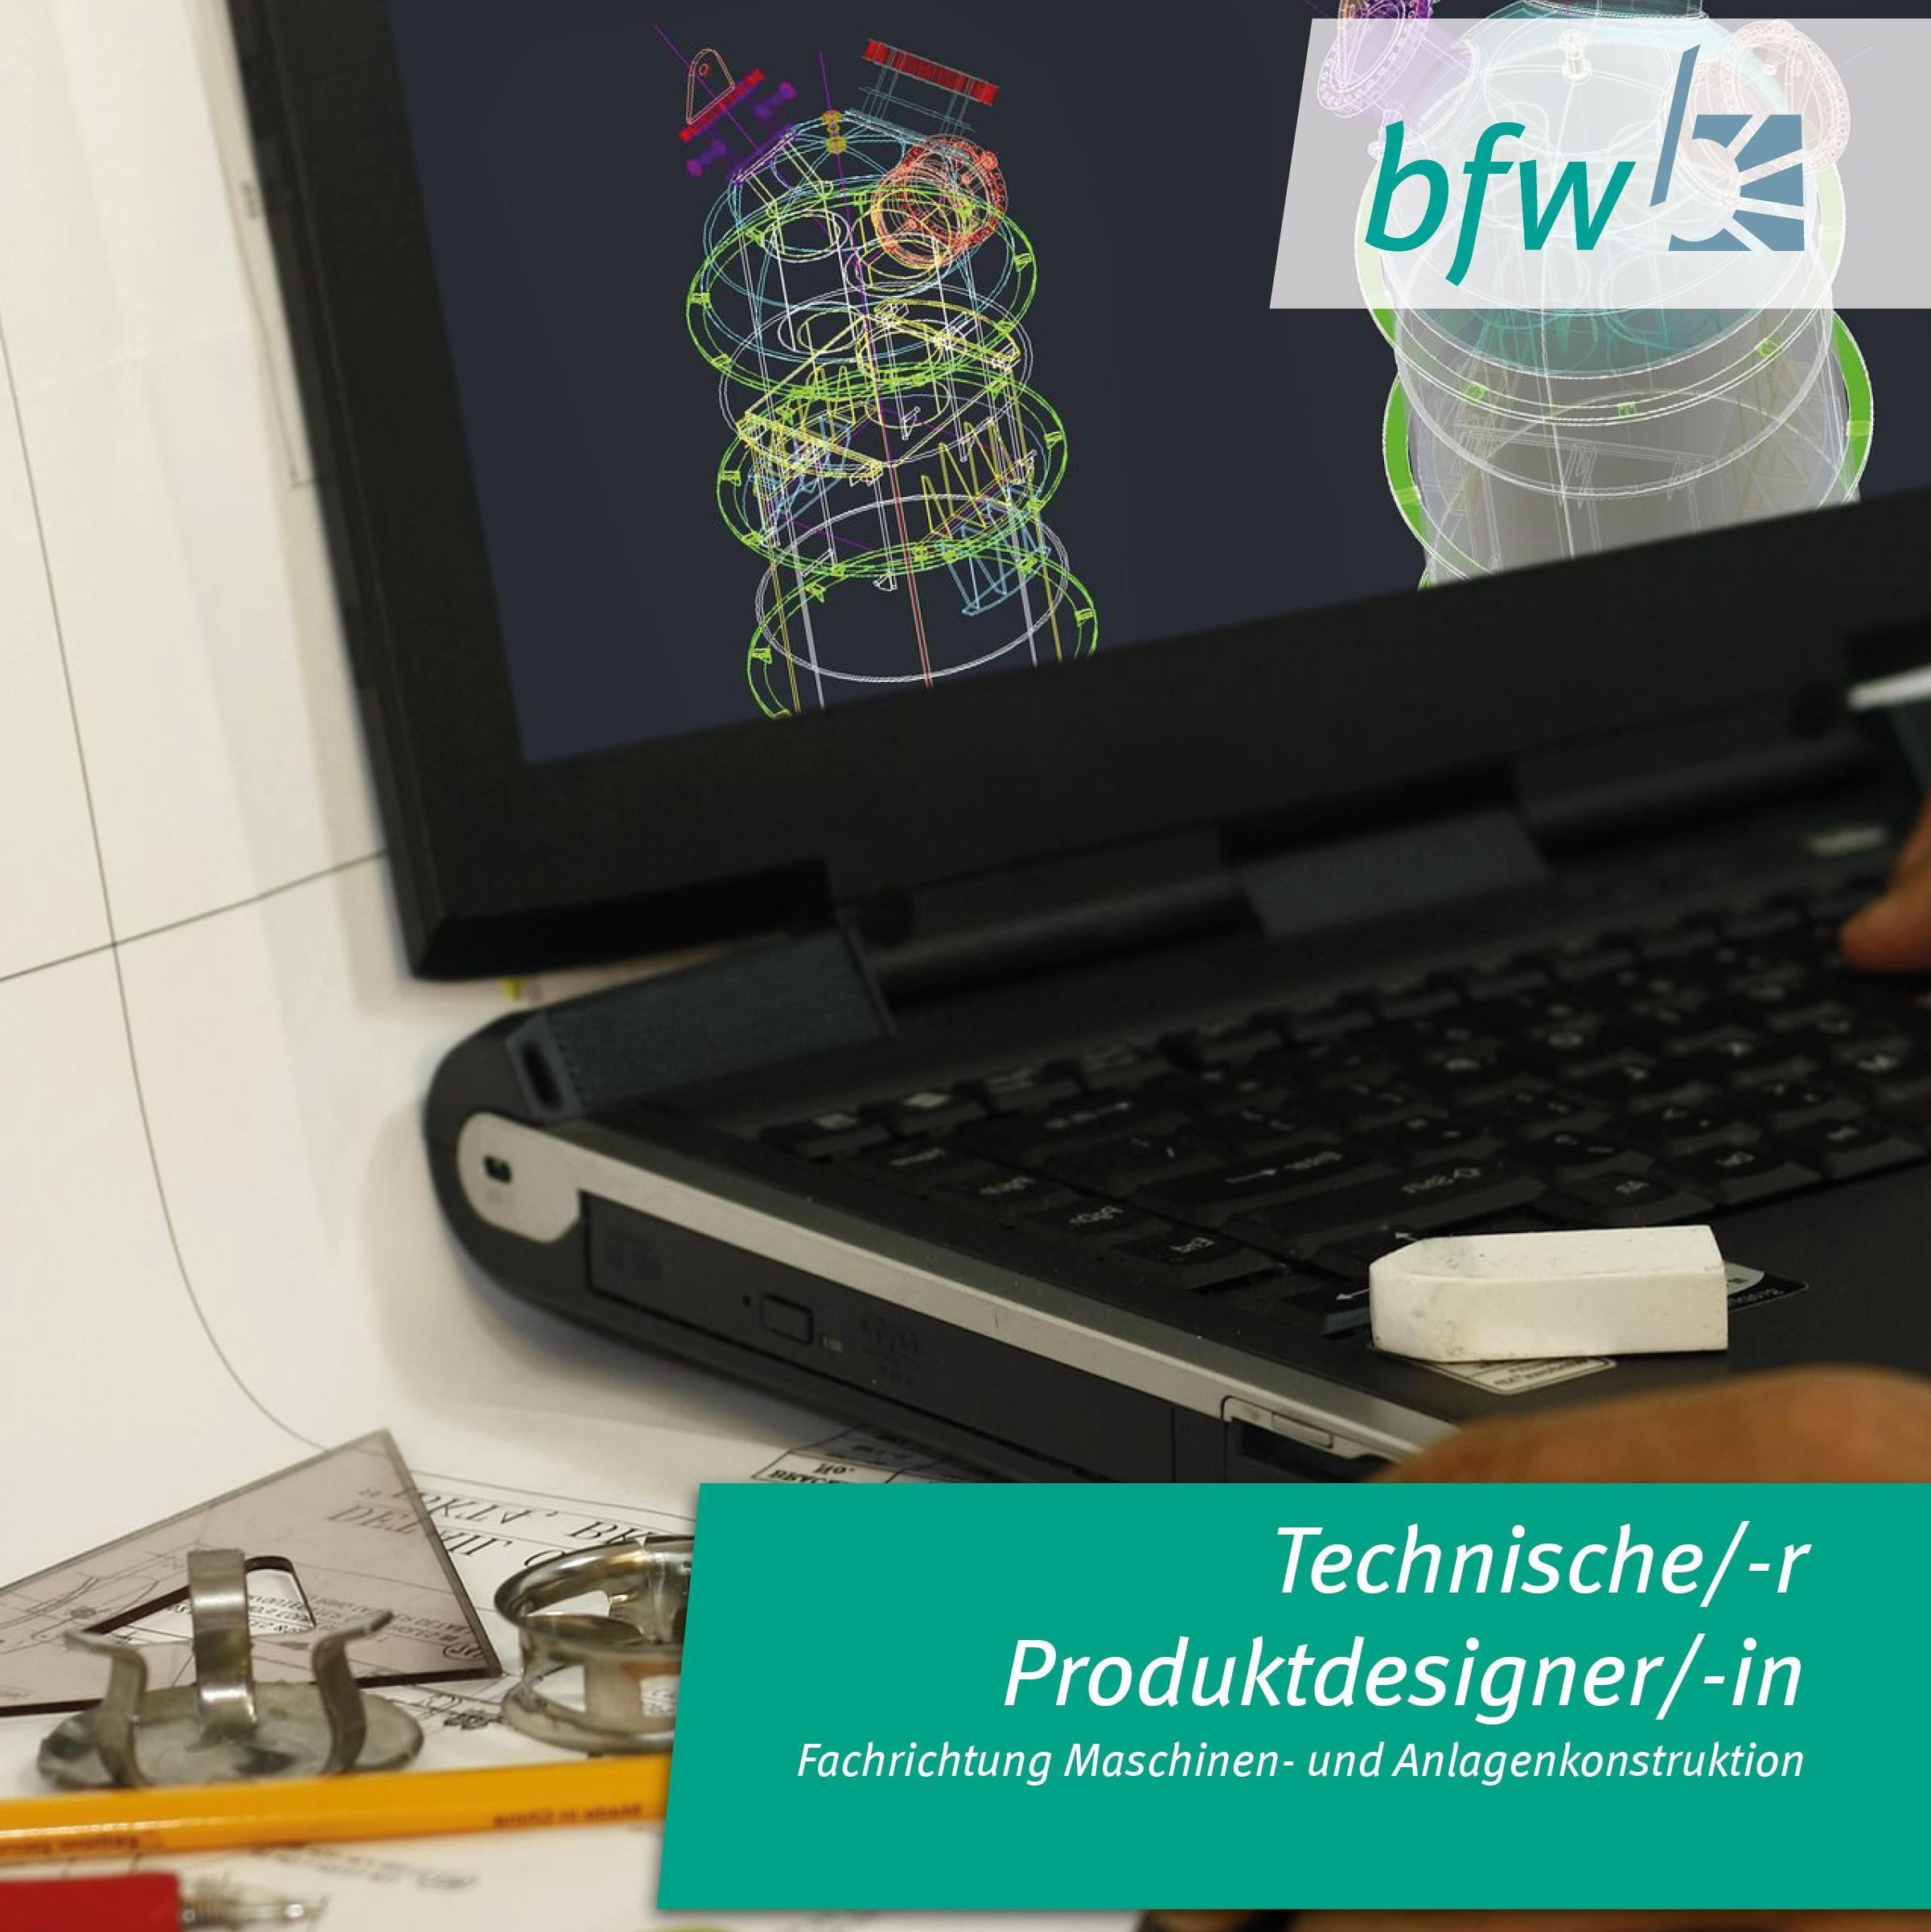 Technische/-r Produktdesigner/-in (Betriebliche Qualifizierung) Image